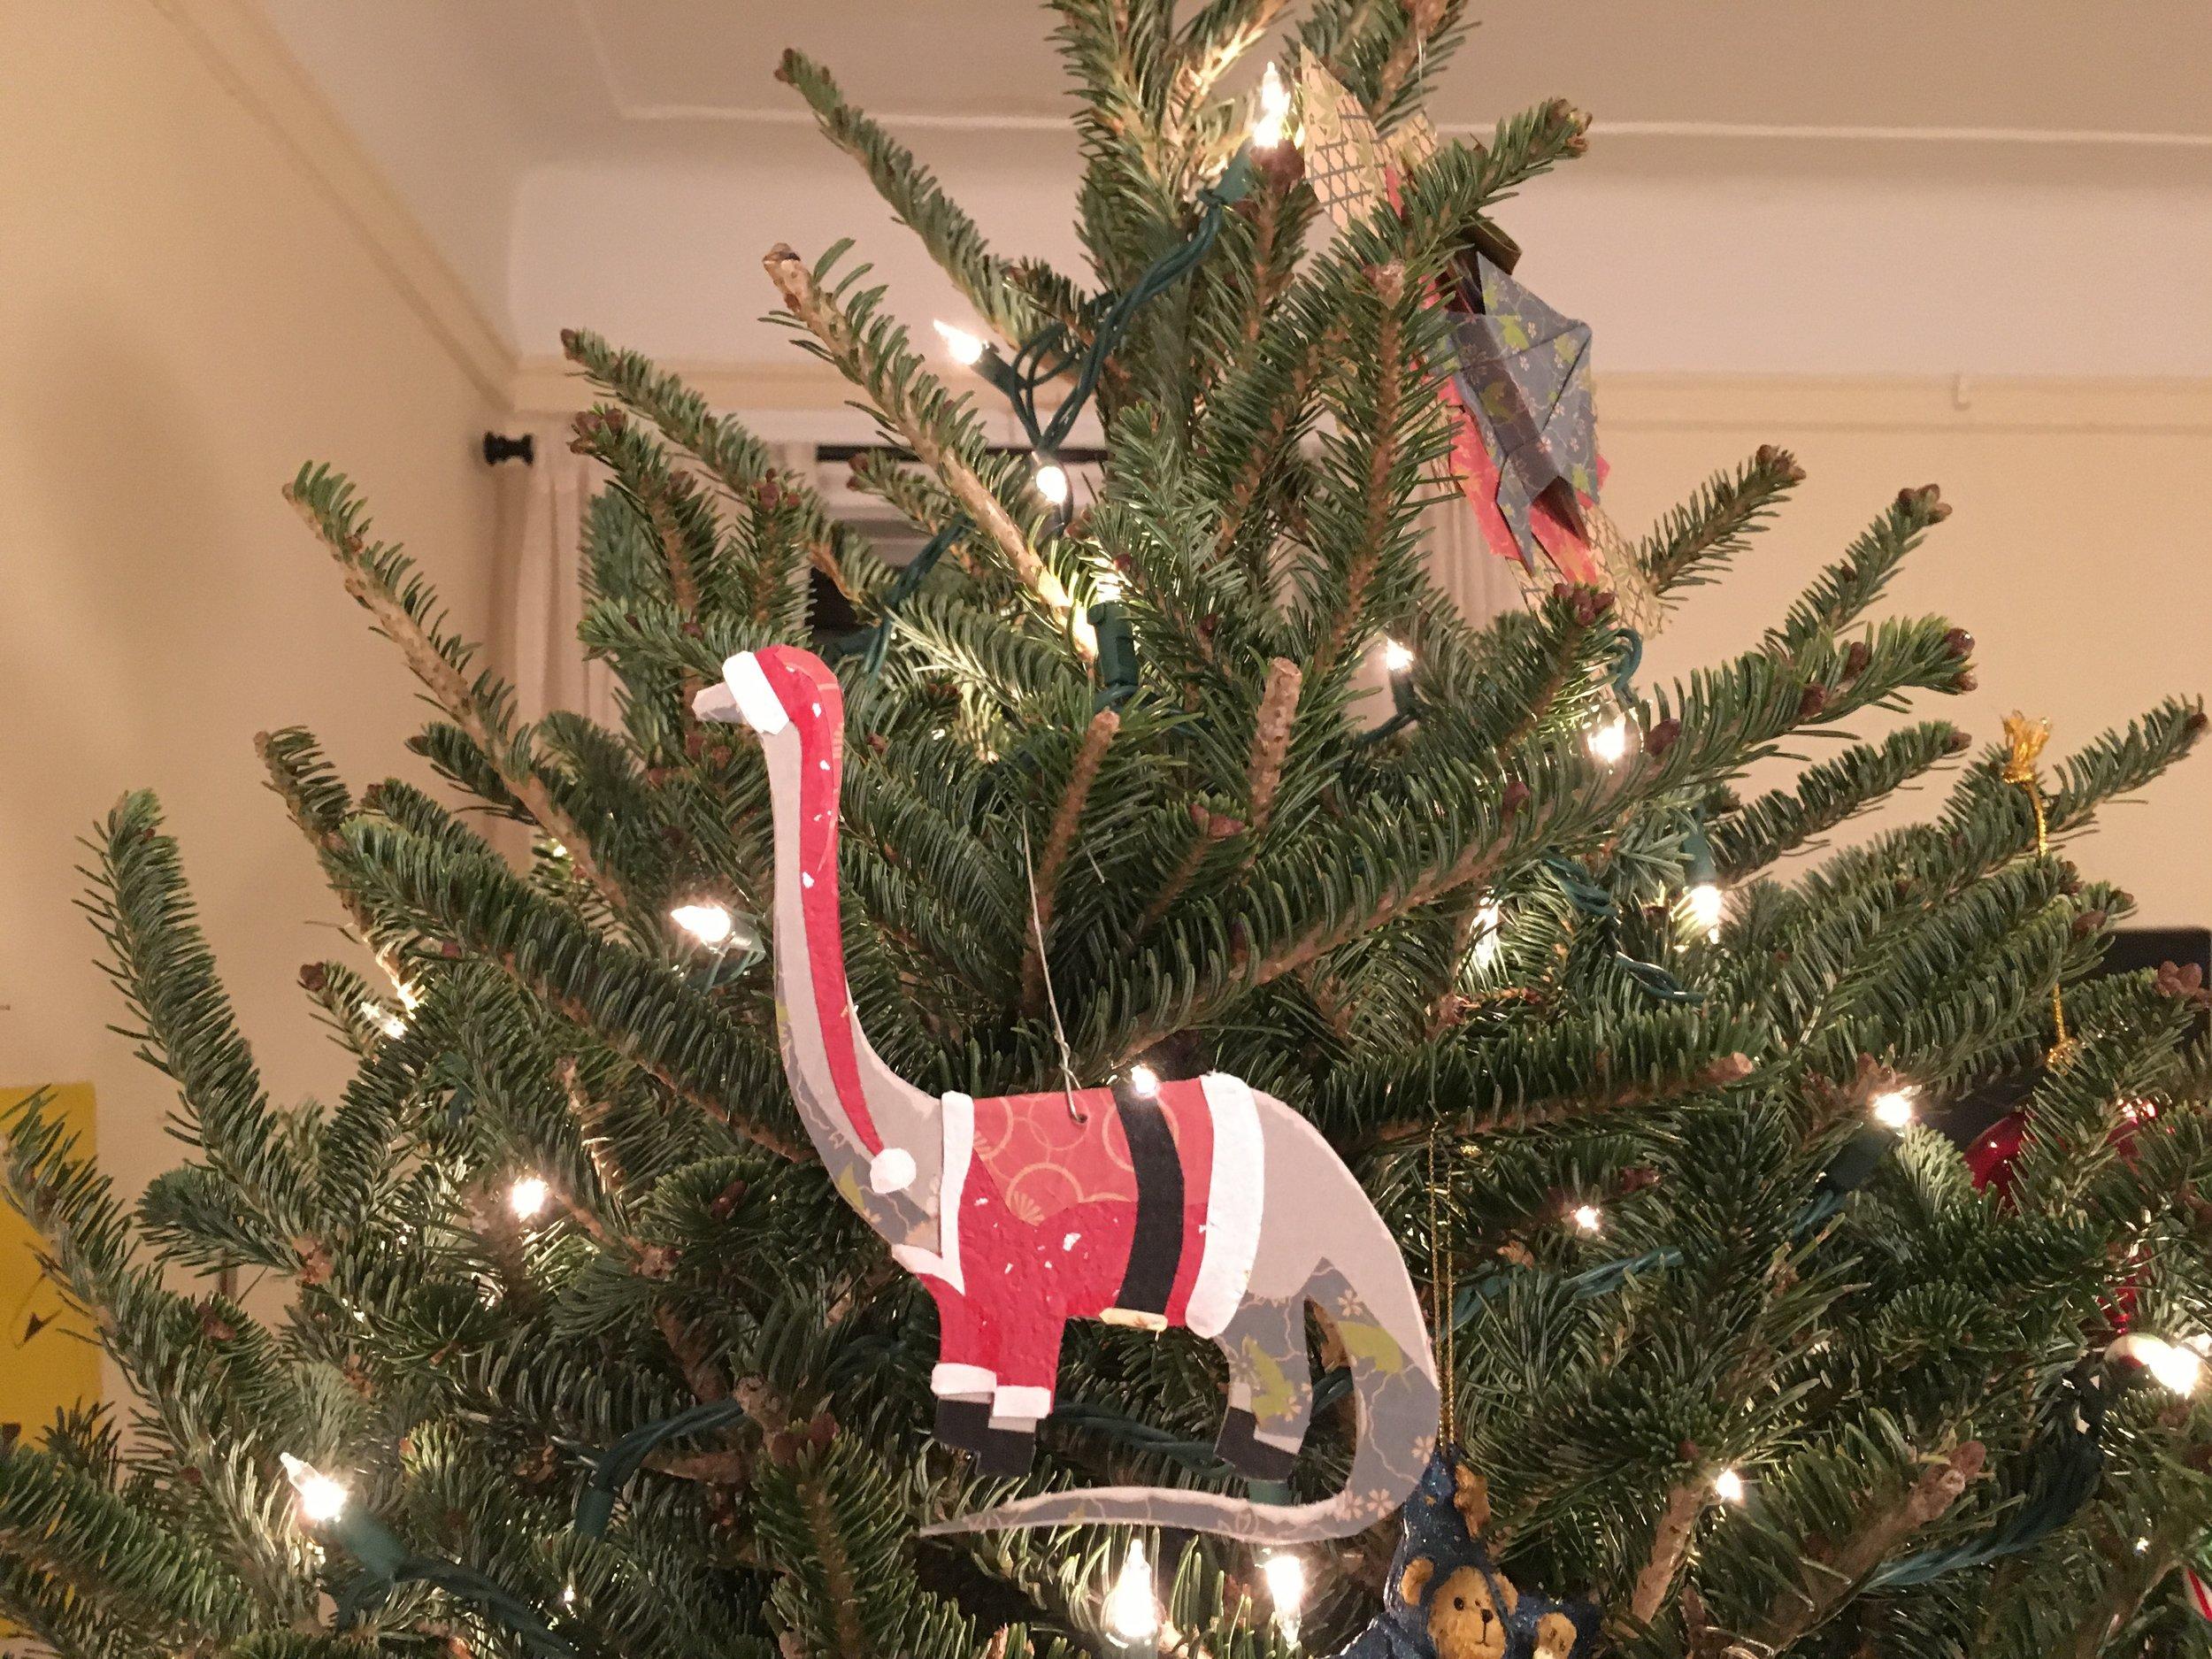 Santasaurus ornament